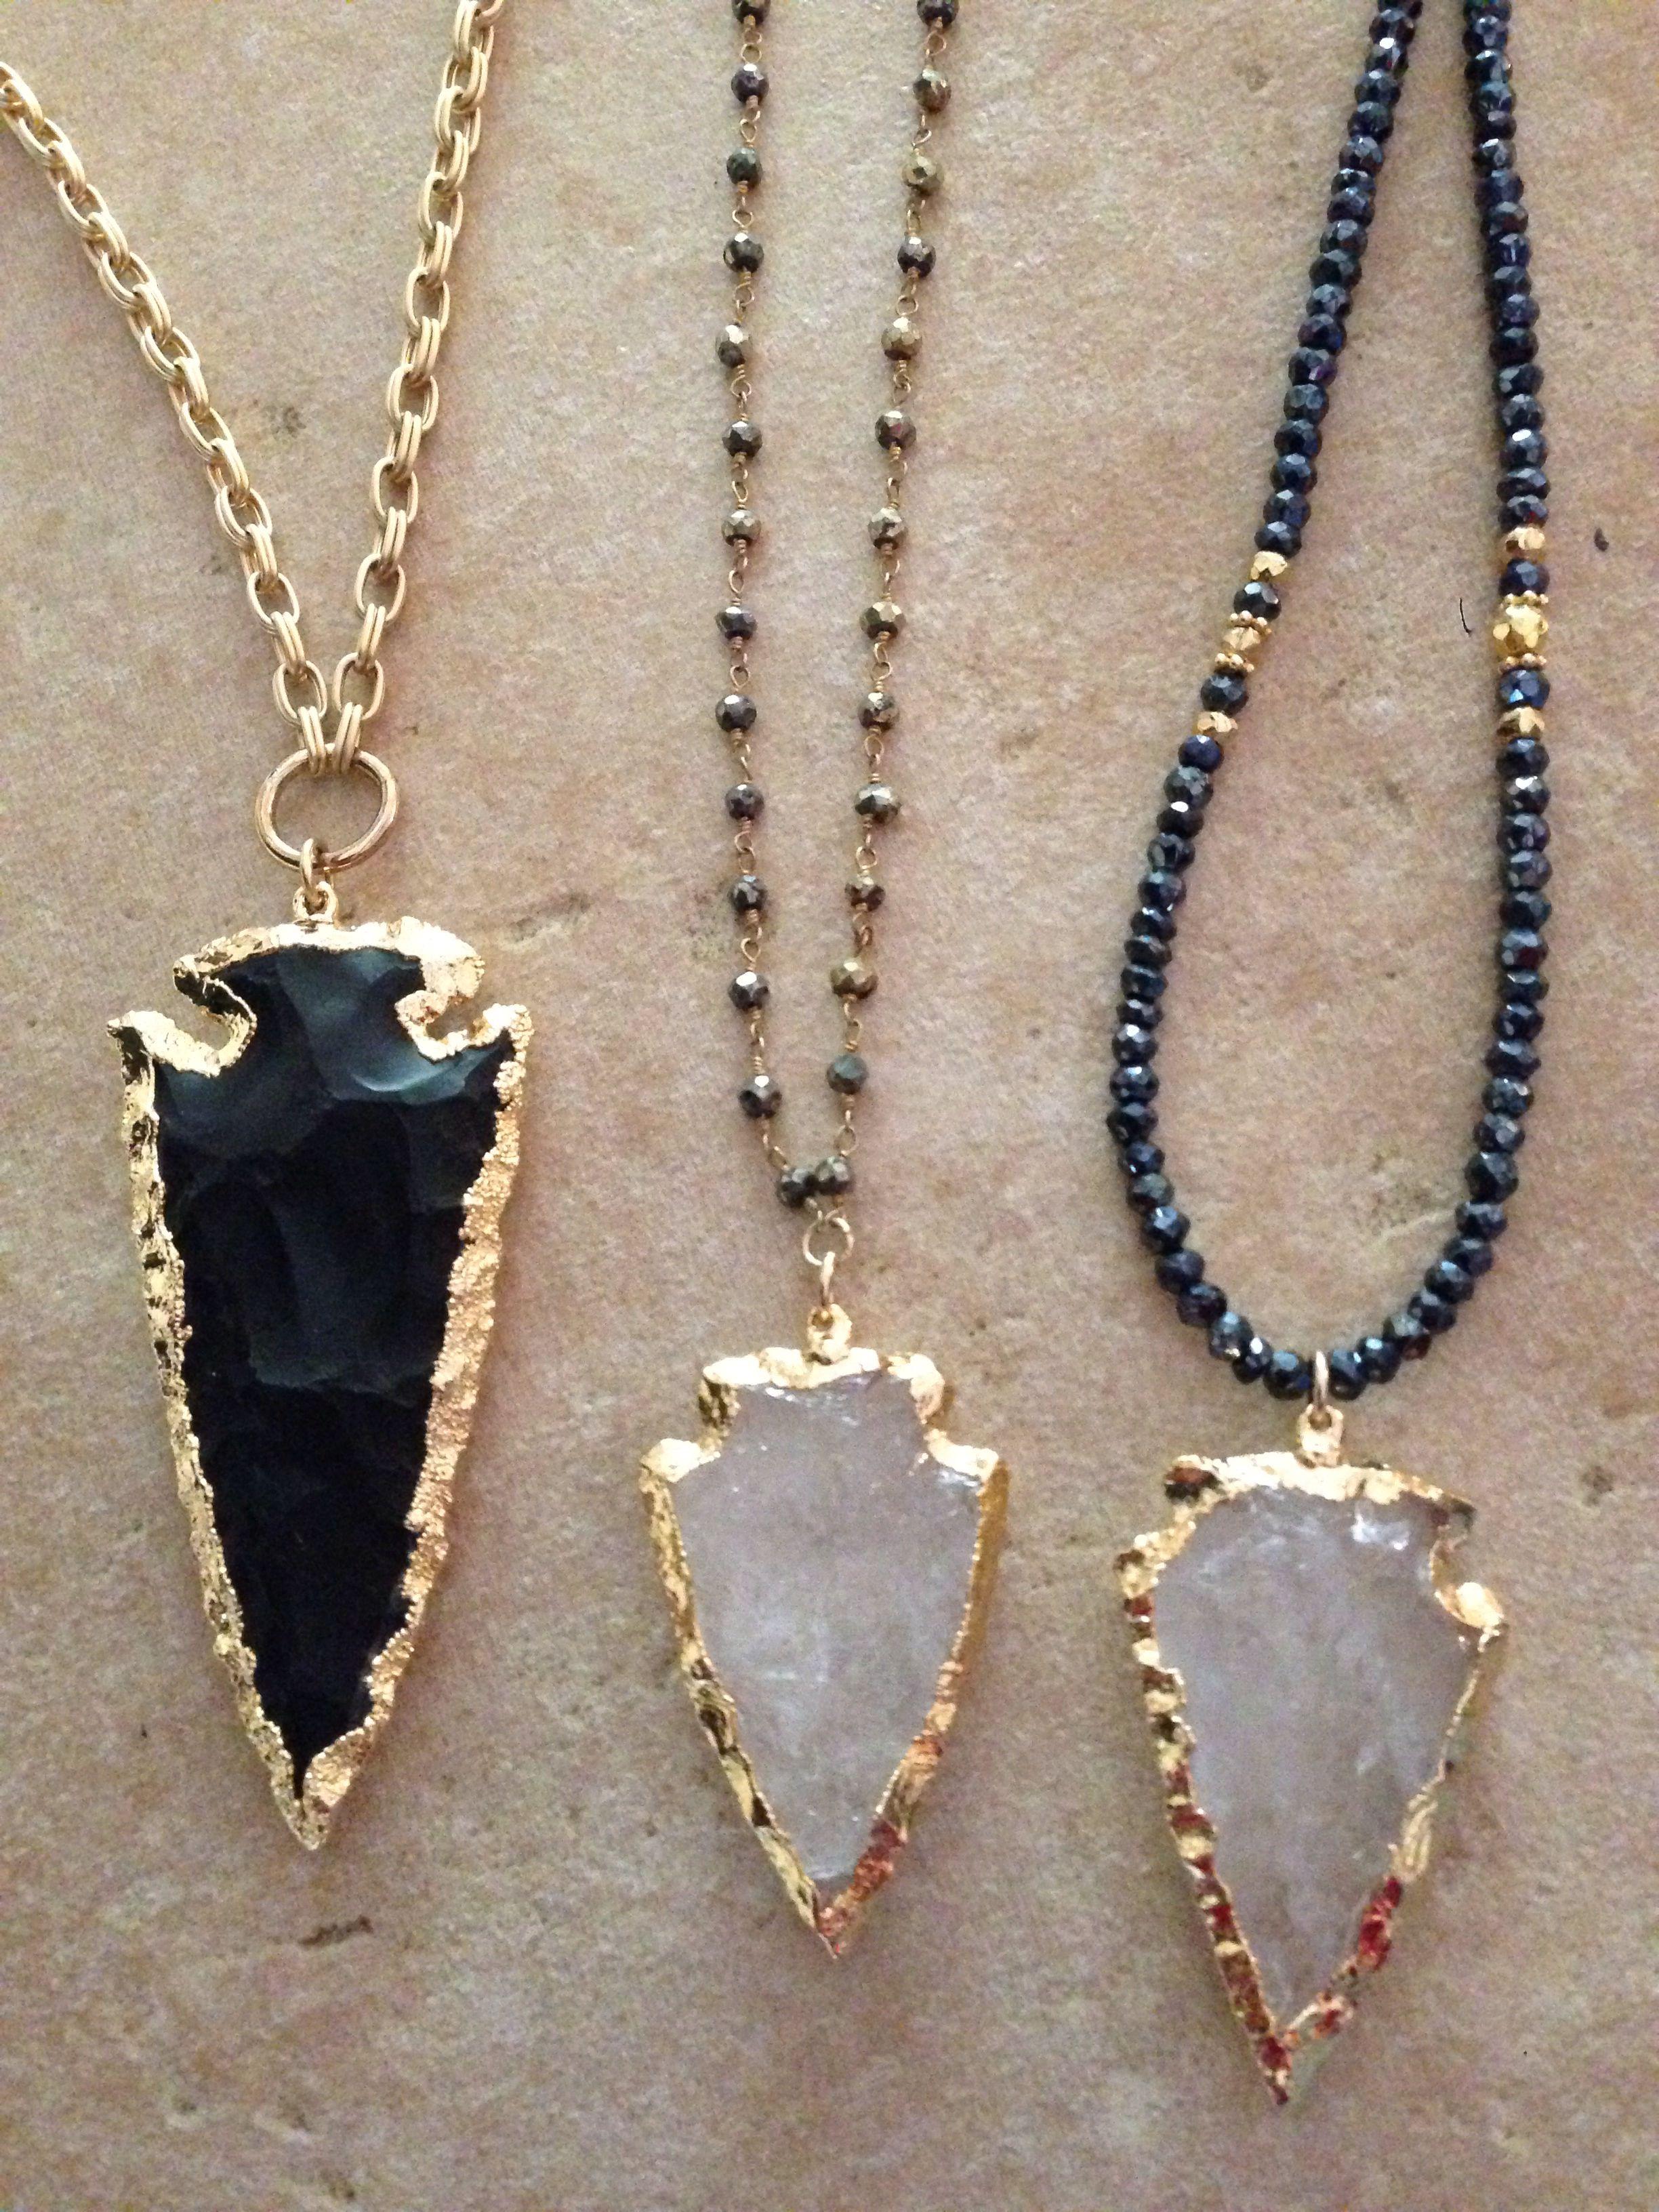 ❤️arrowhead necklaces